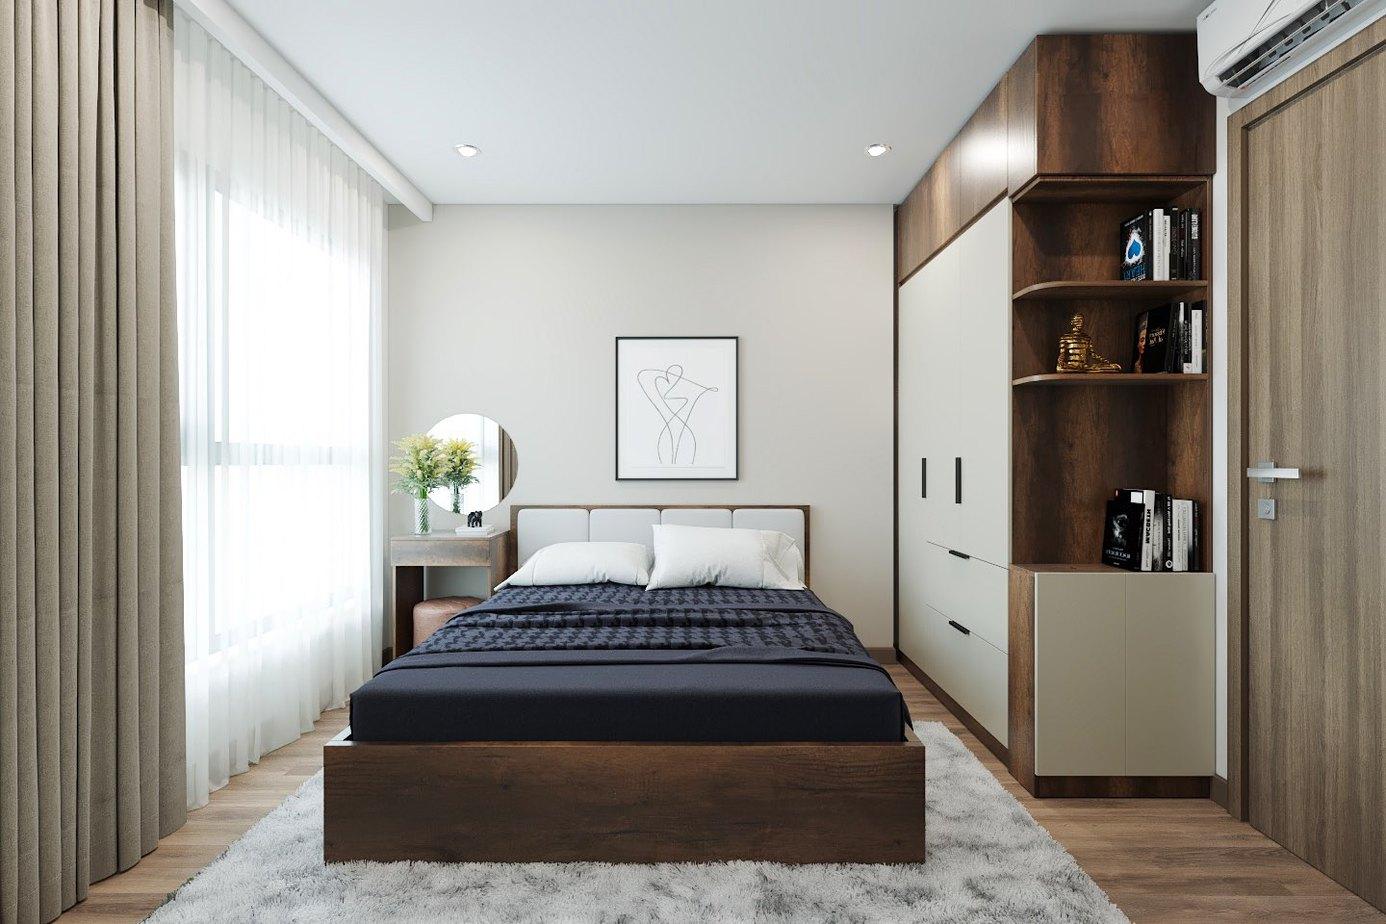 Giường ngủ sở hữu màu cánh gián cùng những vân gỗ tự nhiên bắt mắt.